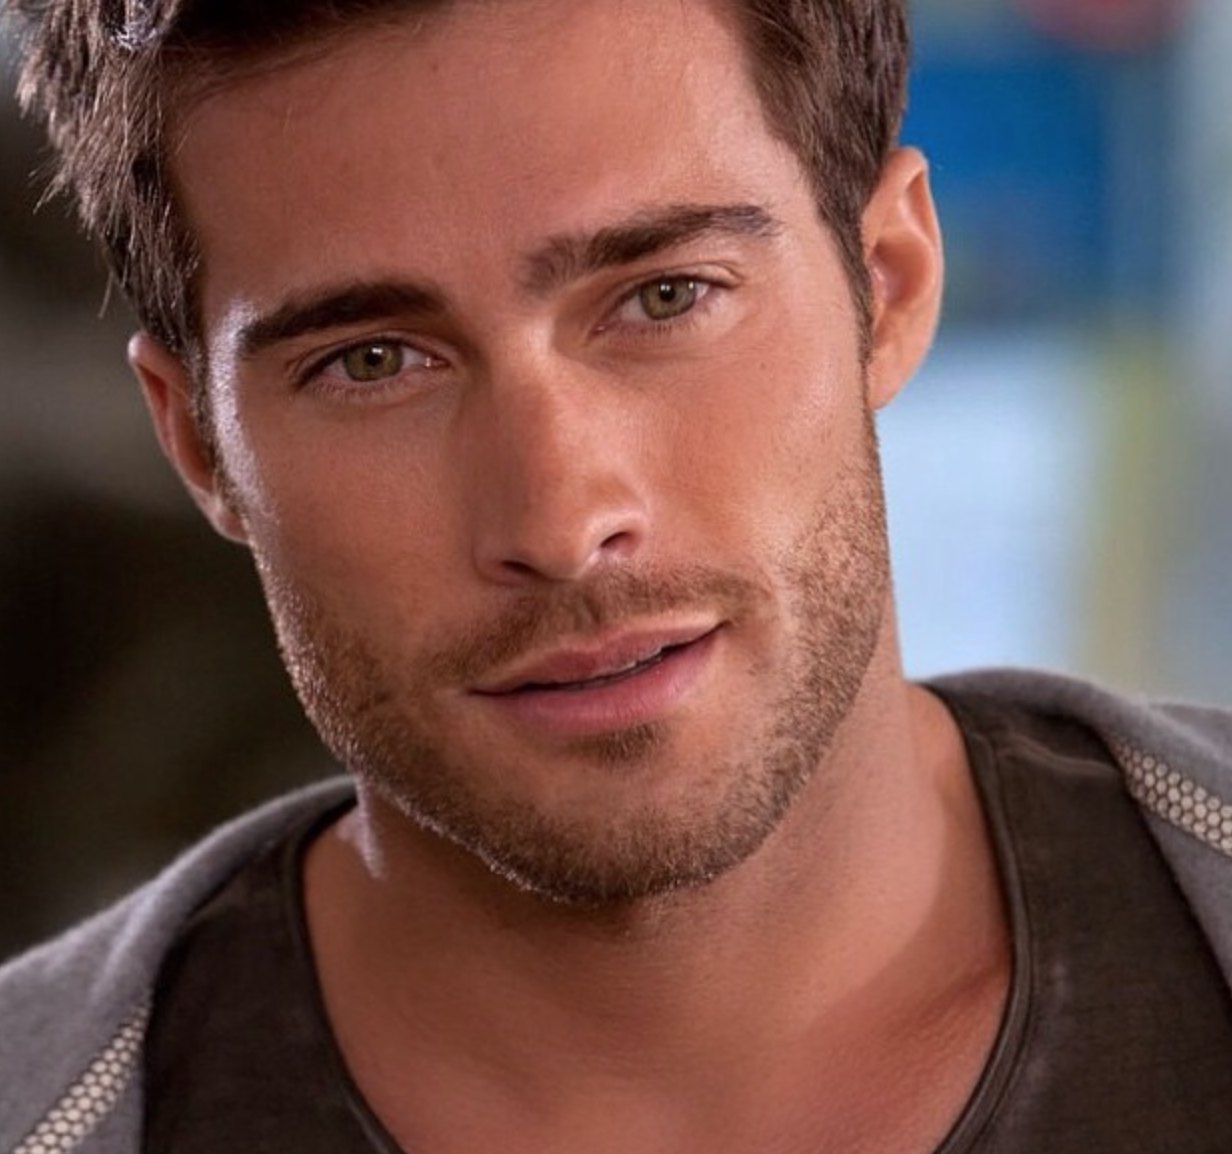 чему фото красивых мужчин актеров аргентины часто